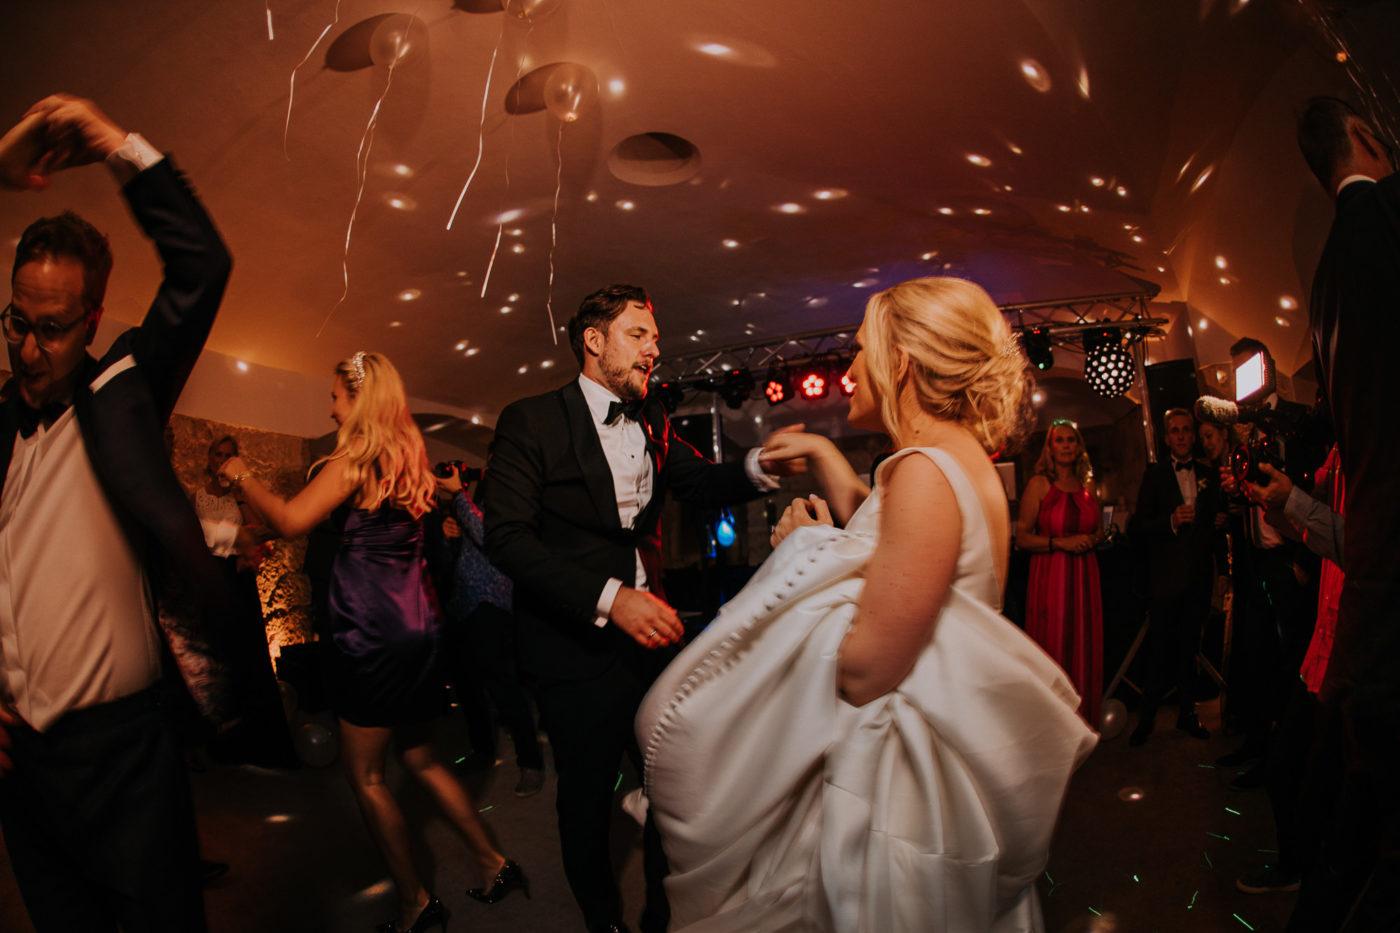 Das tanzende Brautpaar während der Party im Bunker von Cap Rocat